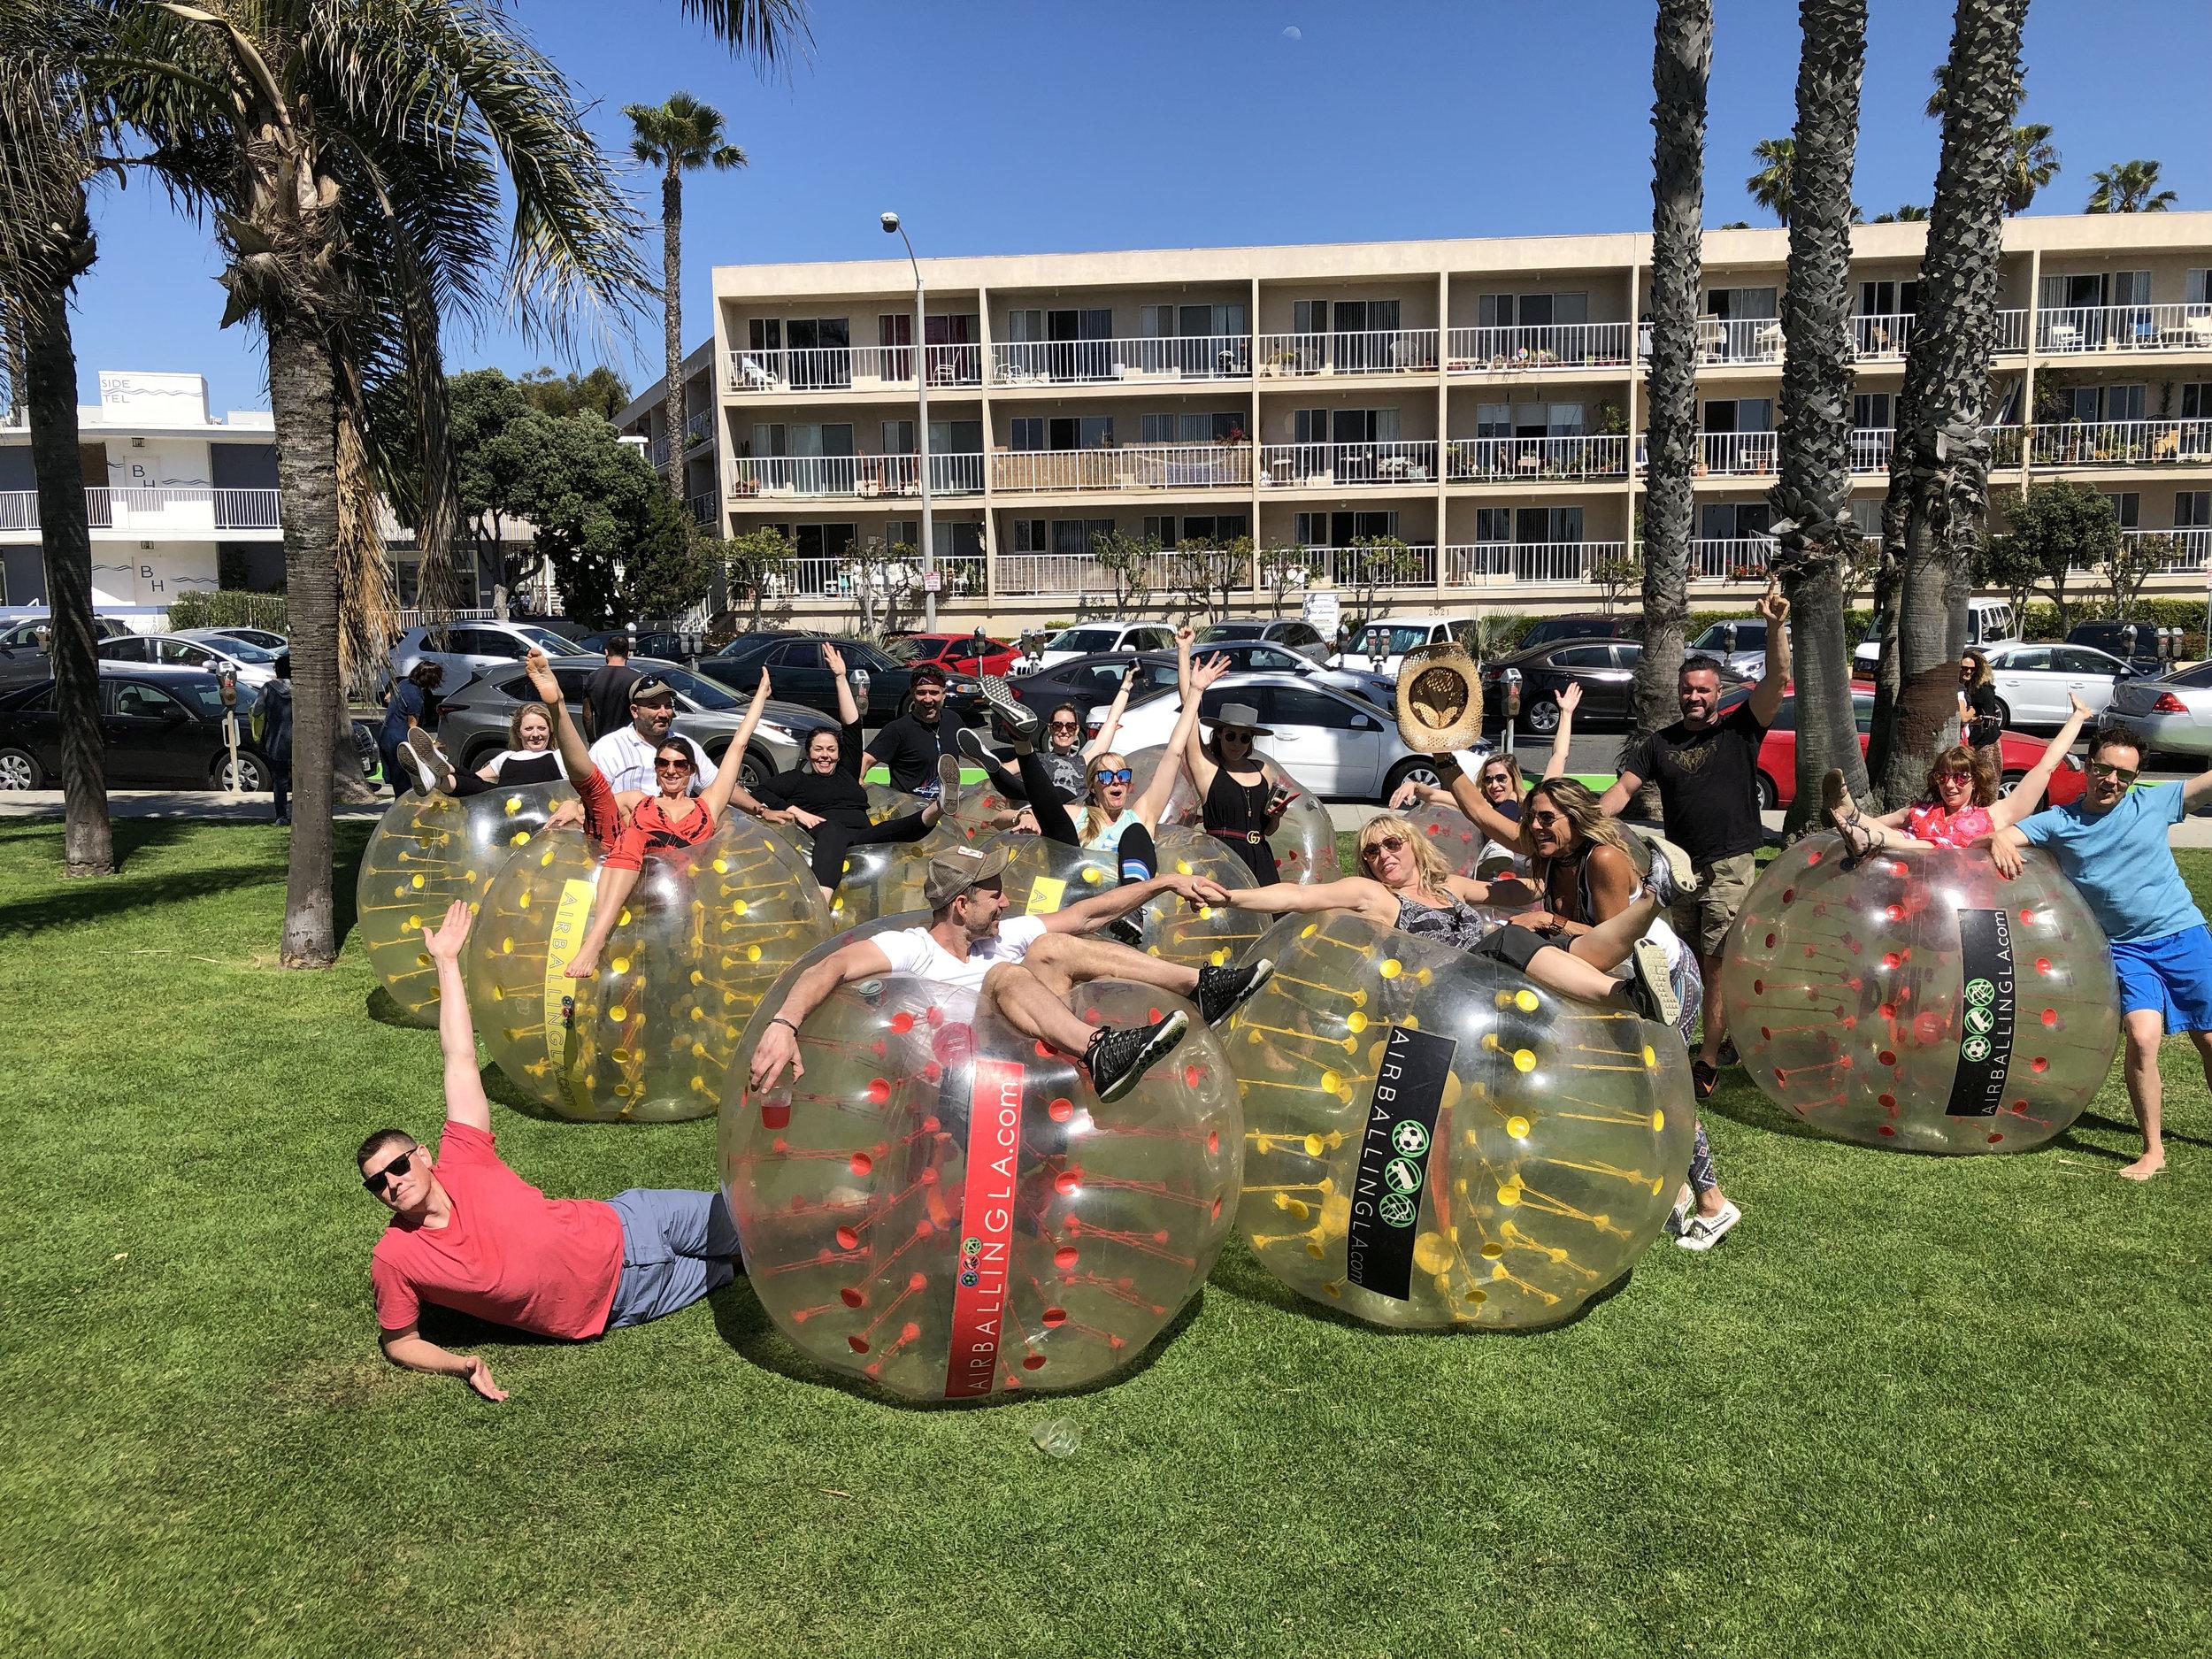 Bubble Soccer in Mission Viejo